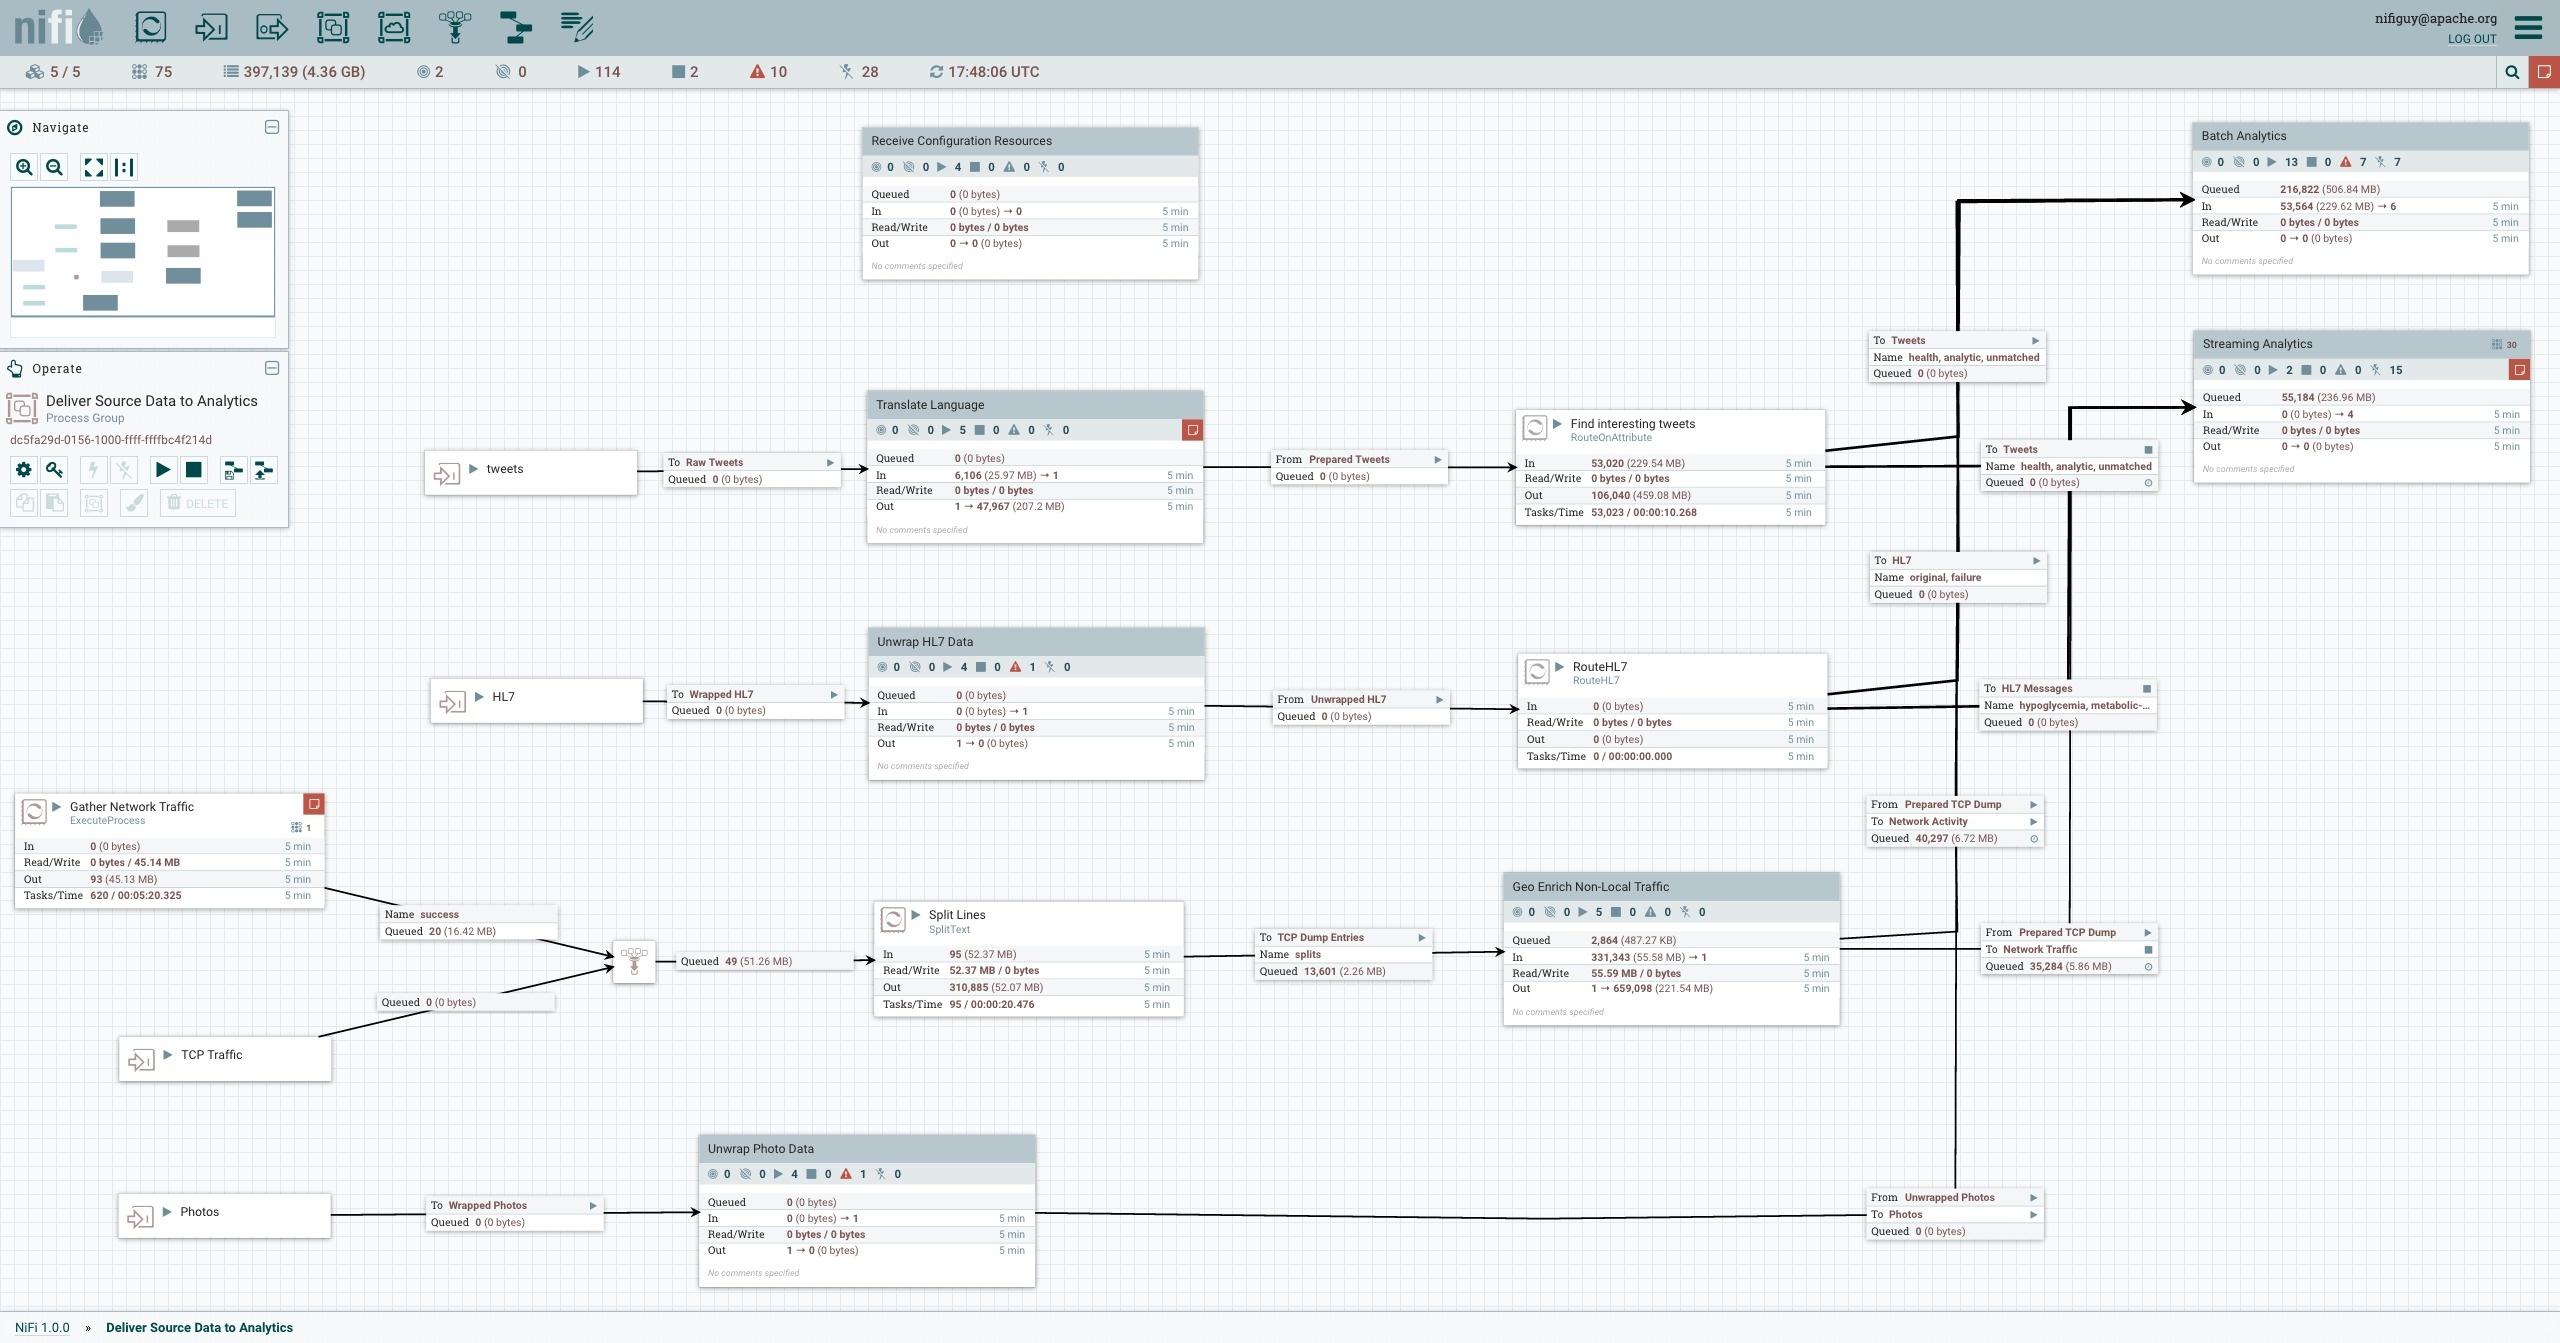 نمونه ای دیگر از خط پردازش داده در آپاچی نایفای